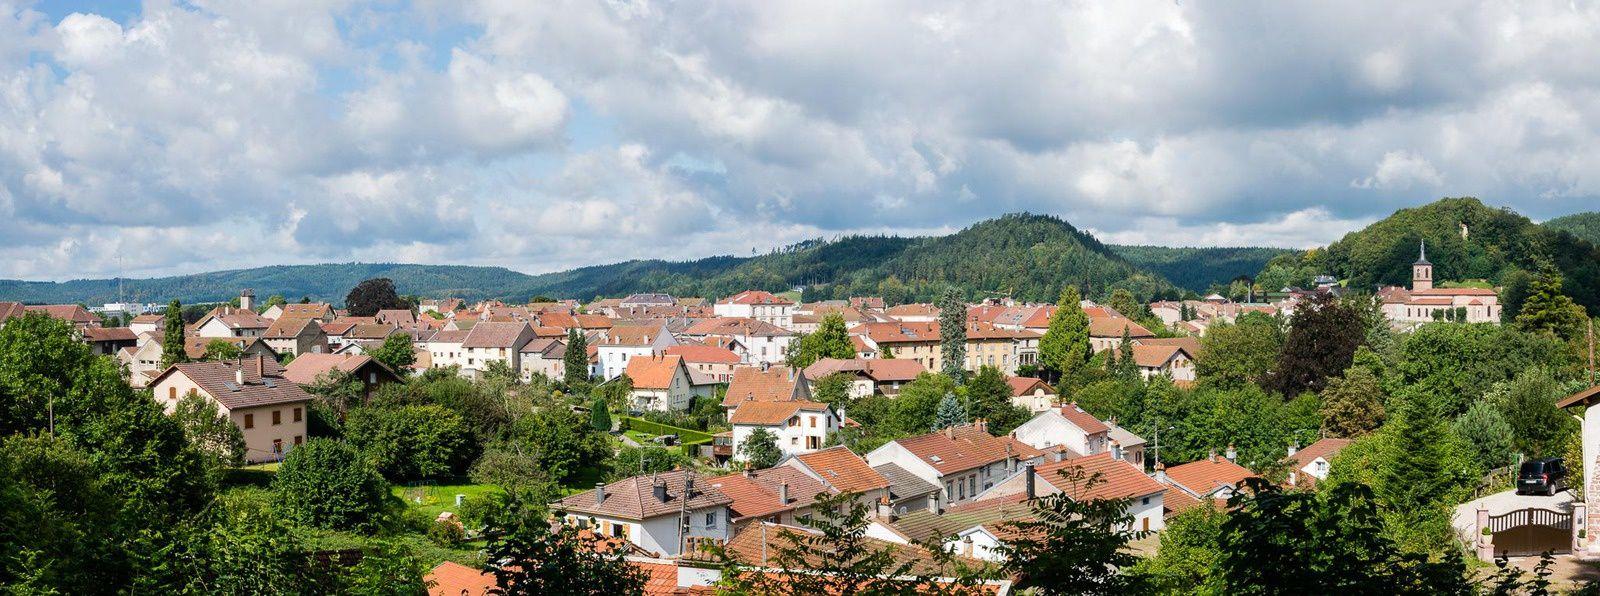 Panoramique sur Bruyères depuis la base de l'Avison - Photo 24 août 2014